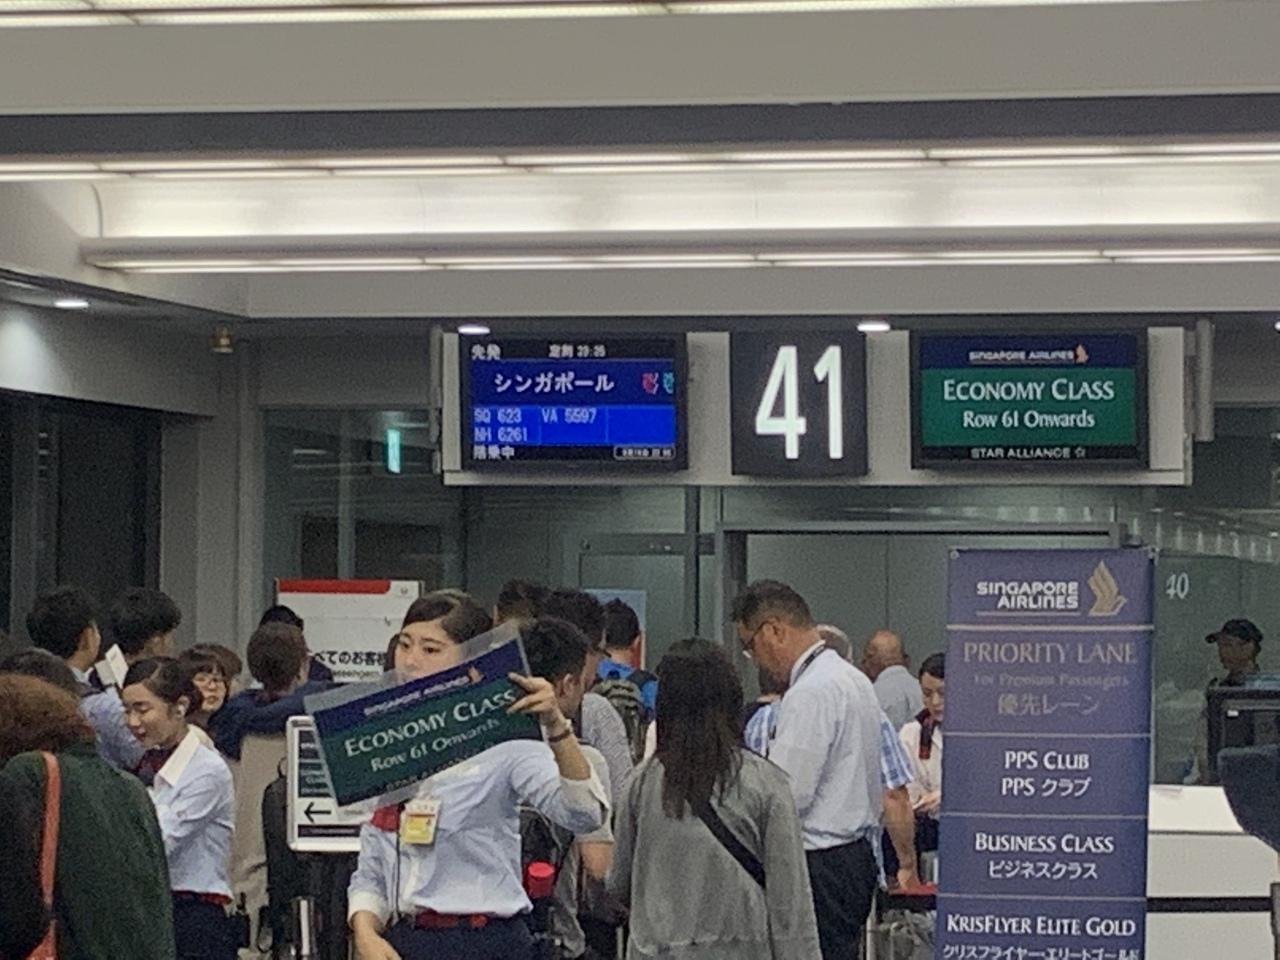 今回のフライトも夜便です! 23:25発、シンガポール航空のSQ623便で機体は最新?のボーイング787-10ということで、これに乗りたいがためにバンコク経由ではなくチャンギ国際空港経由のこちらを選択しました^ ^ 世界人気ナンバーワンのチャンギ国際空港でのトランジットタイムもたのしめそうなんで、ダブルでワクワク!!